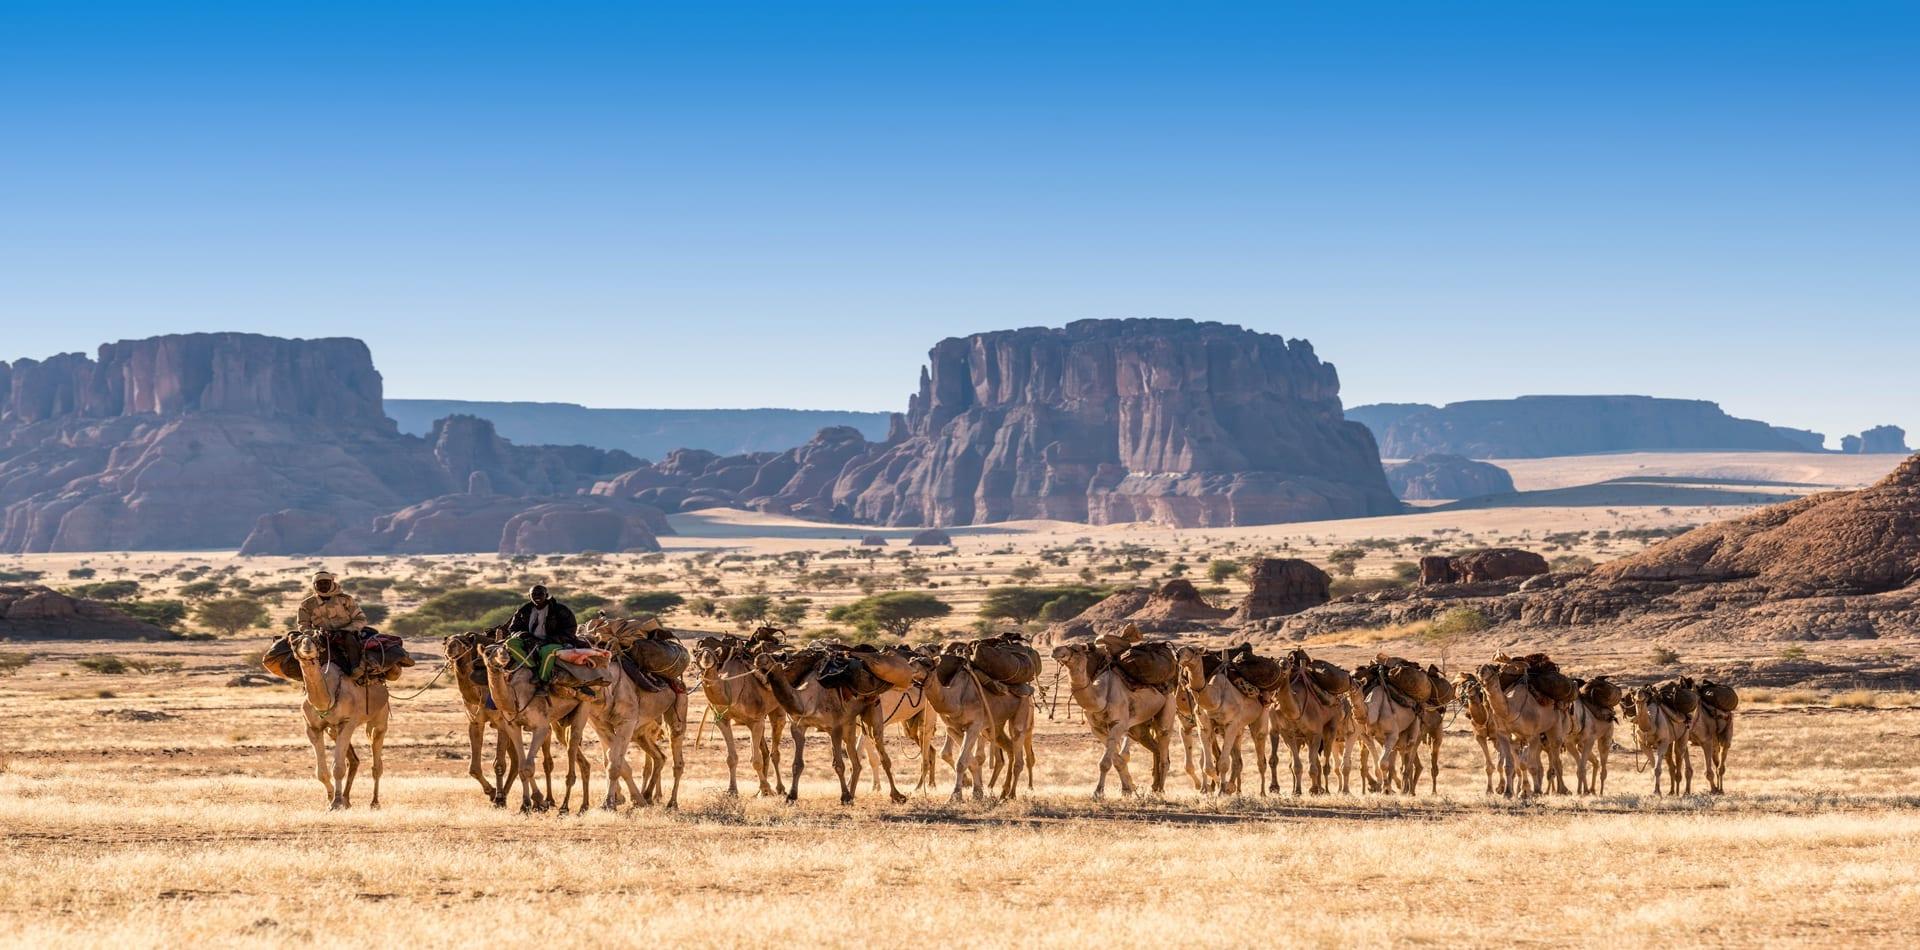 Chad Desert Camel Caravan Hero